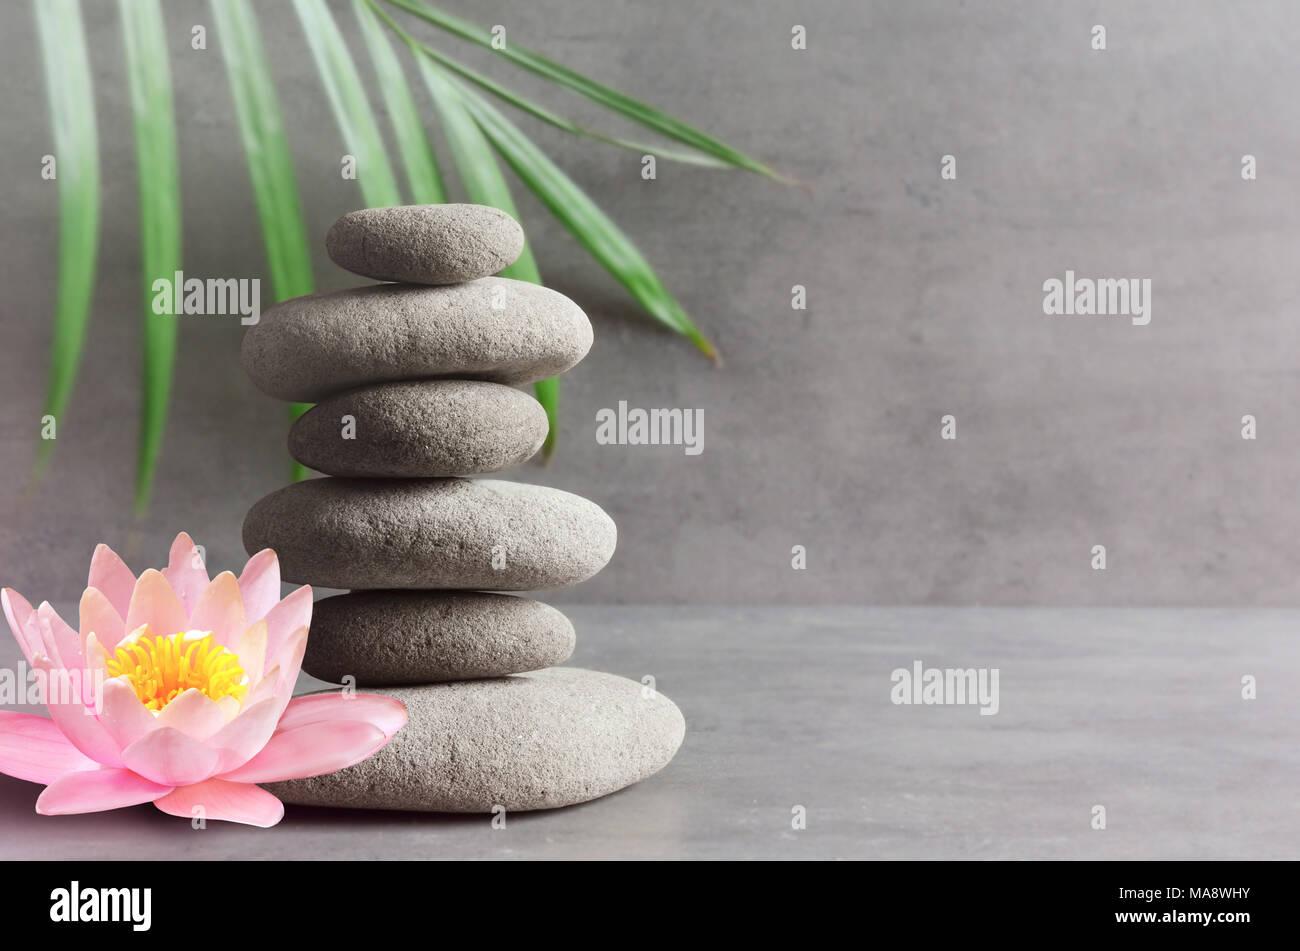 Steine, pink flower Lotus und Grün palm leaf Balance. Zen und Spa-Konzept. Stockbild